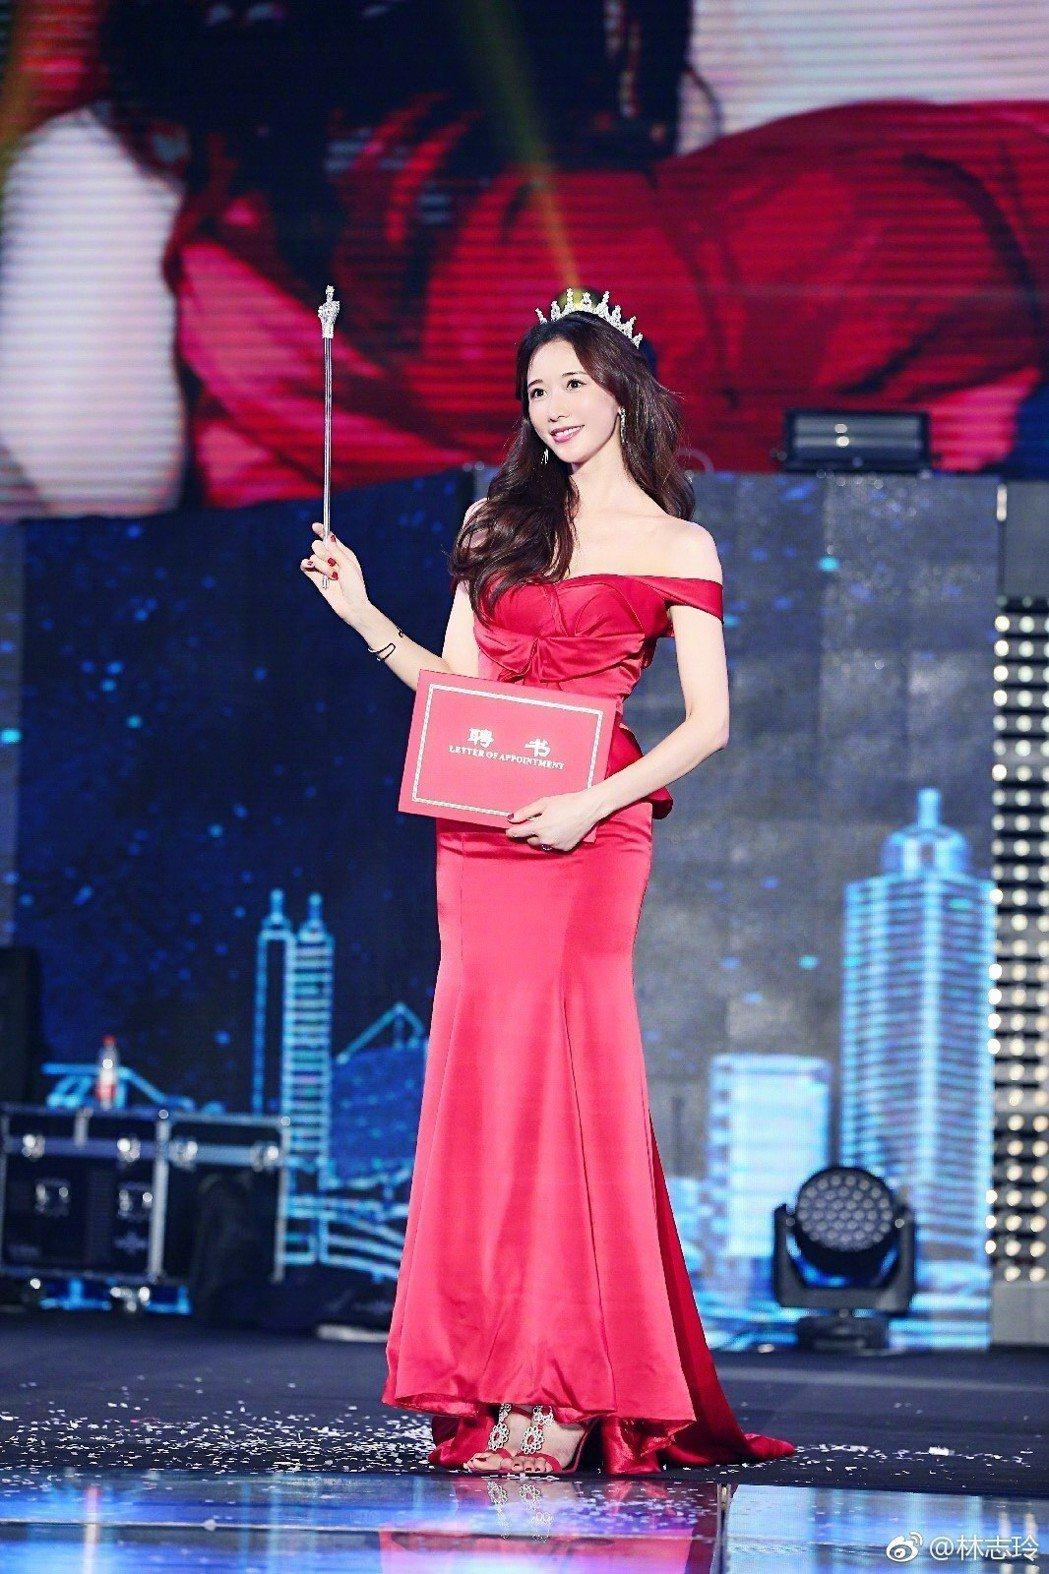 林志玲出席活動時,常有女神般的優雅造型。圖/摘自微博